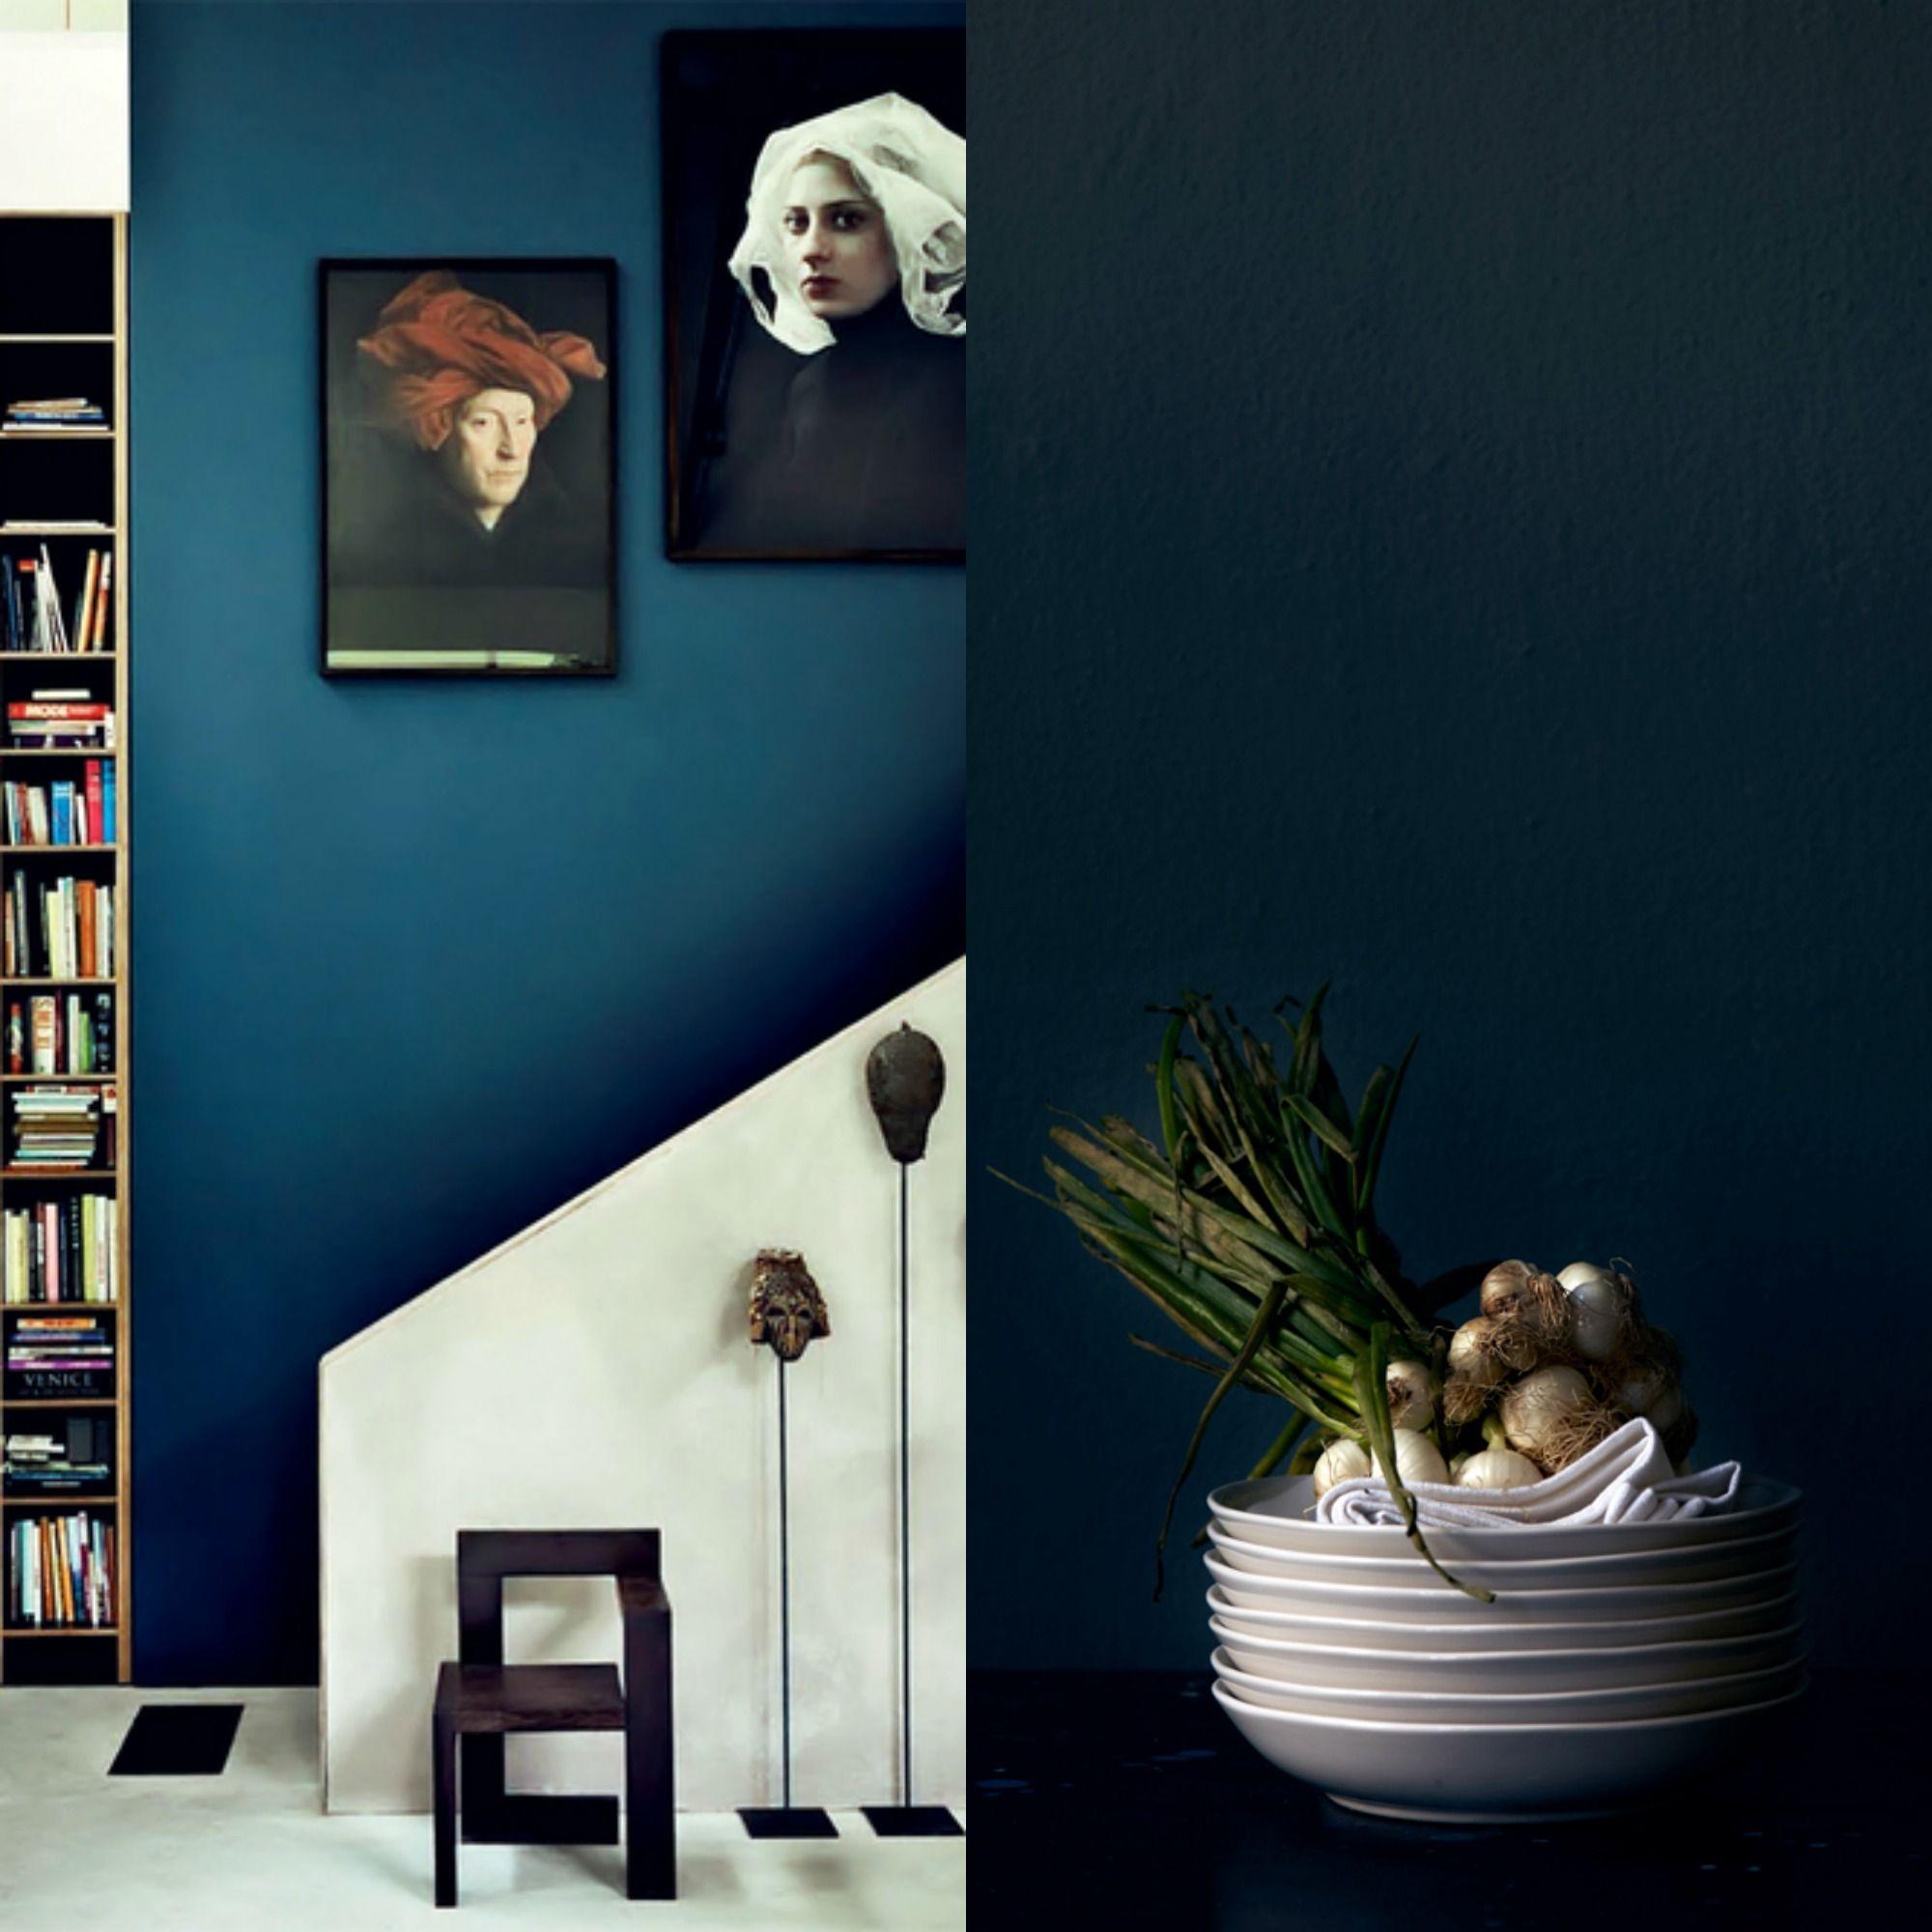 Wandfarbe Farbpalette Hornbach Wandfarben Grau Blau: Color Trend